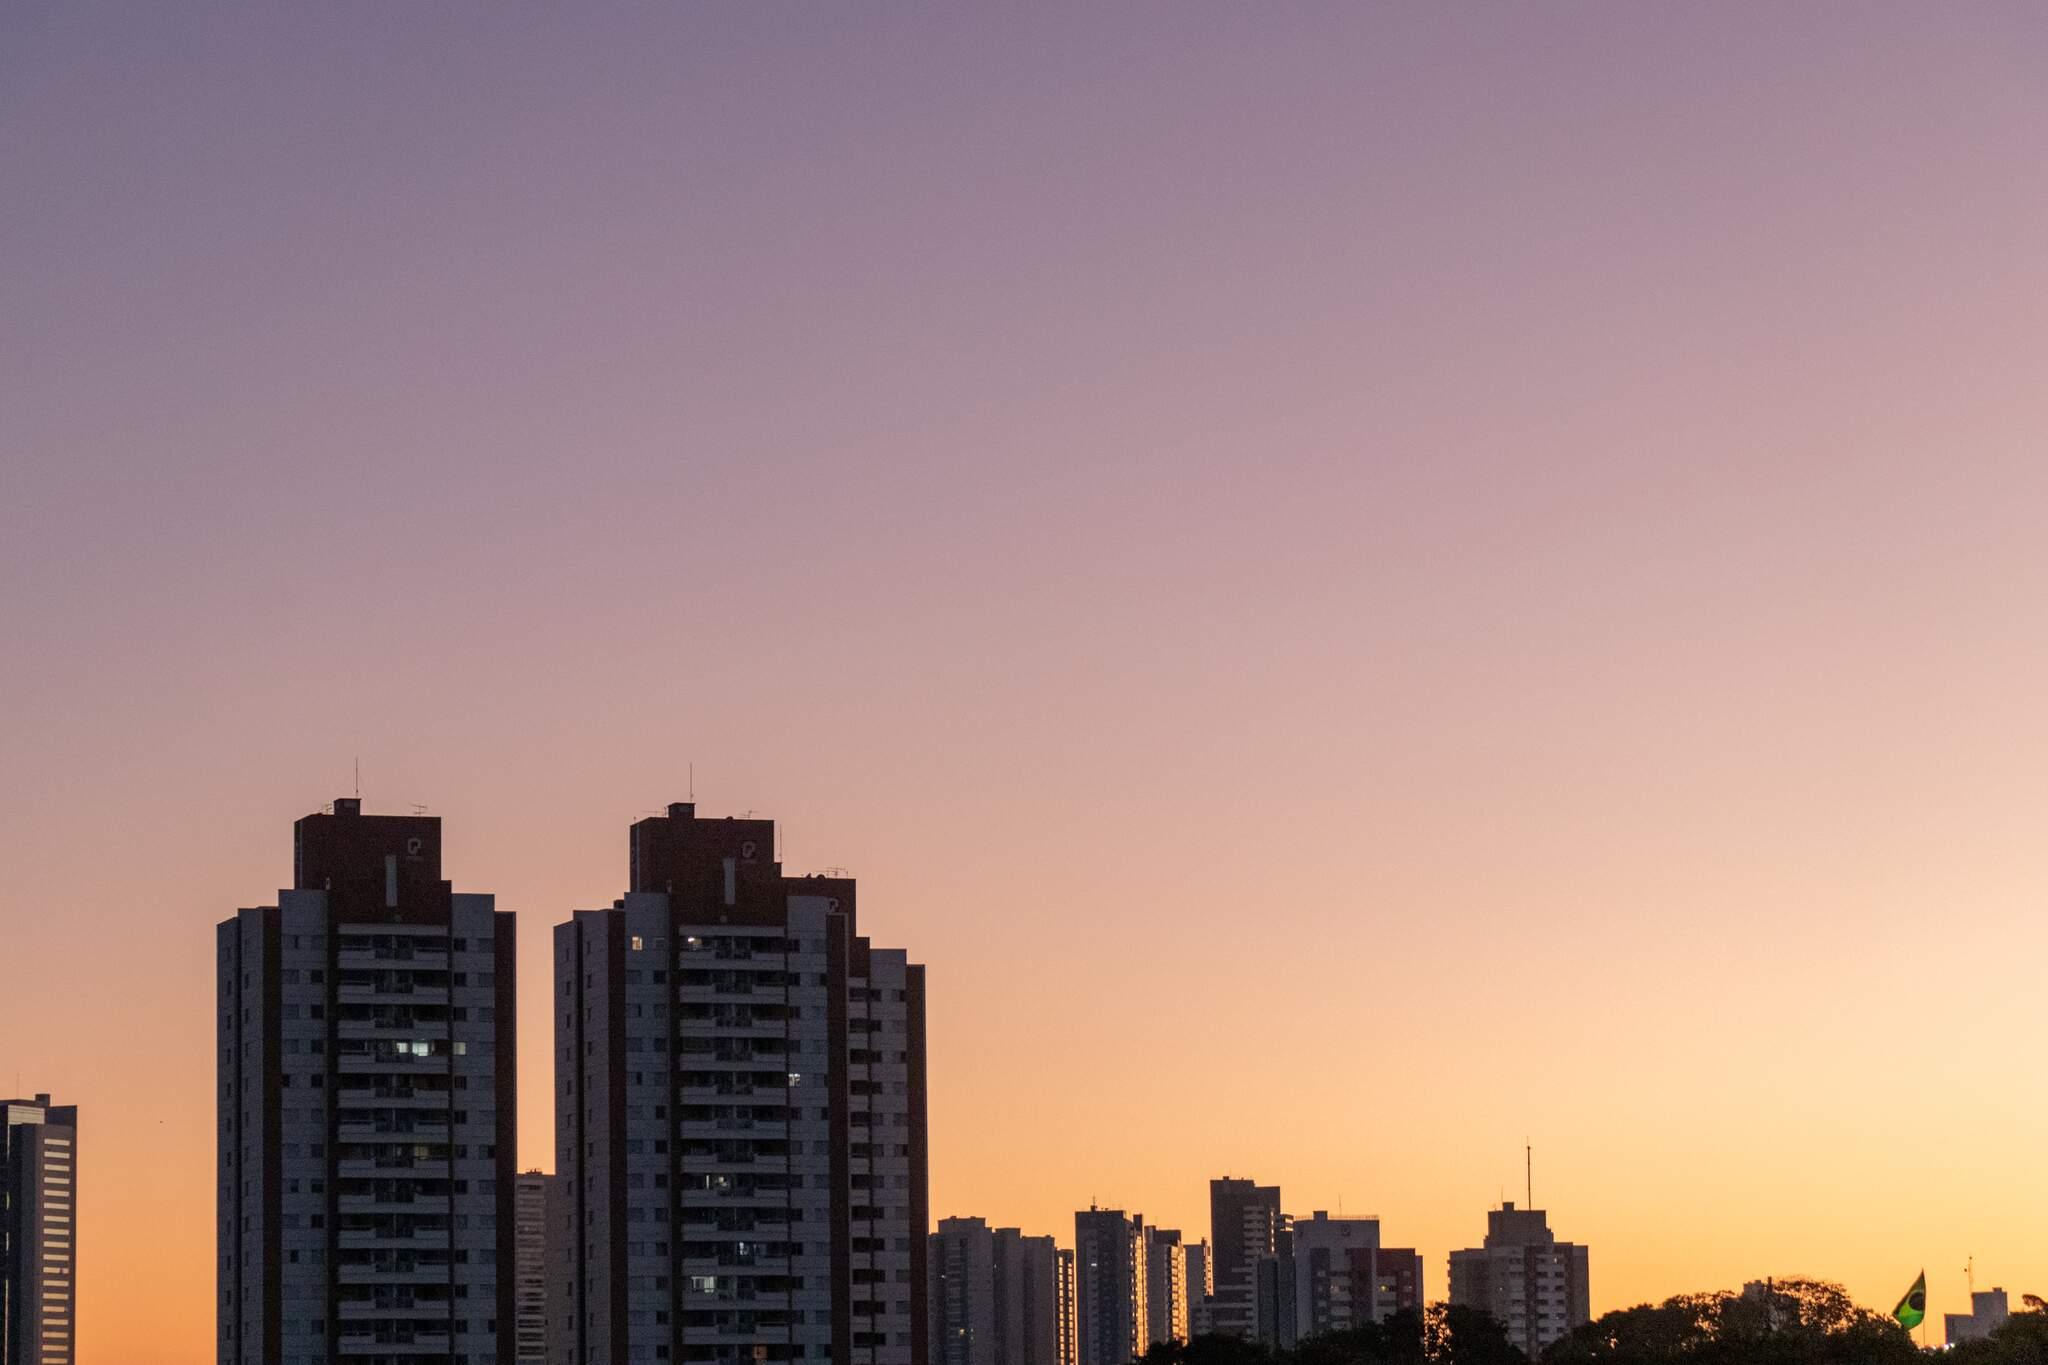 Amanhecer em Campo Grande visto pelo bairro Jardim São Bento (Foto: Henrique Kawaminami)